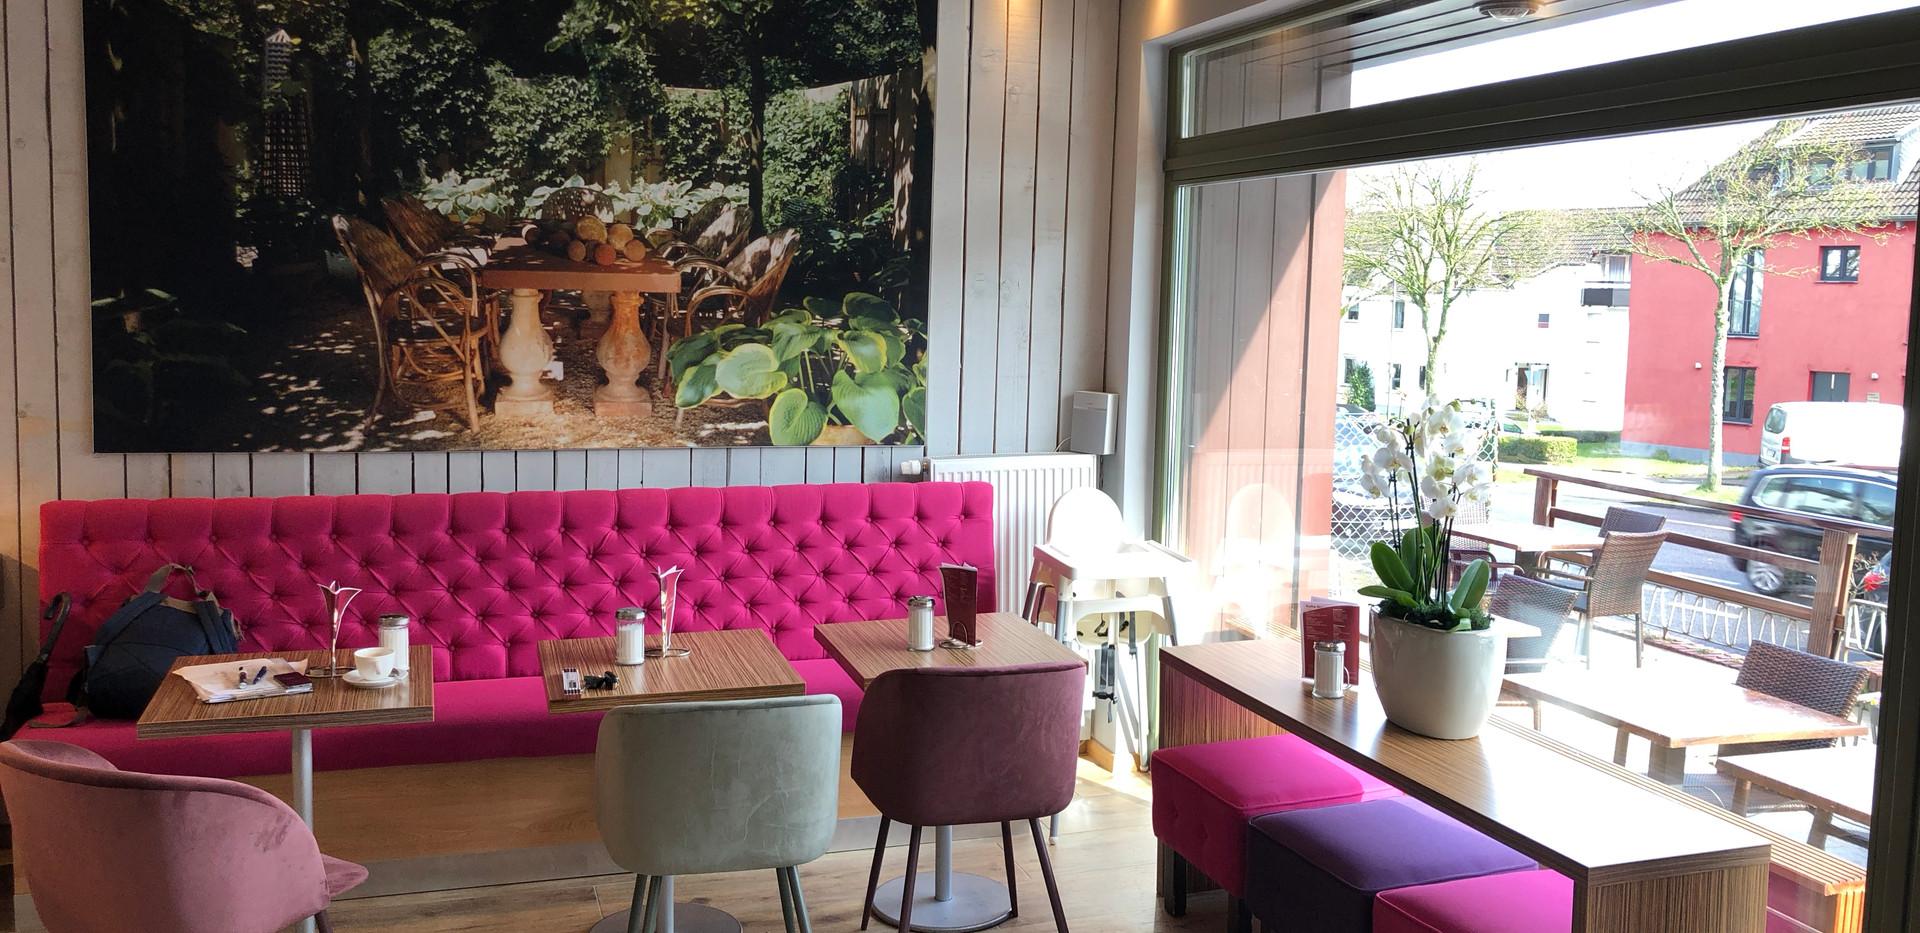 cafe-liege-aachen-beverau-sofa-pink-grosses-fenster.jpg